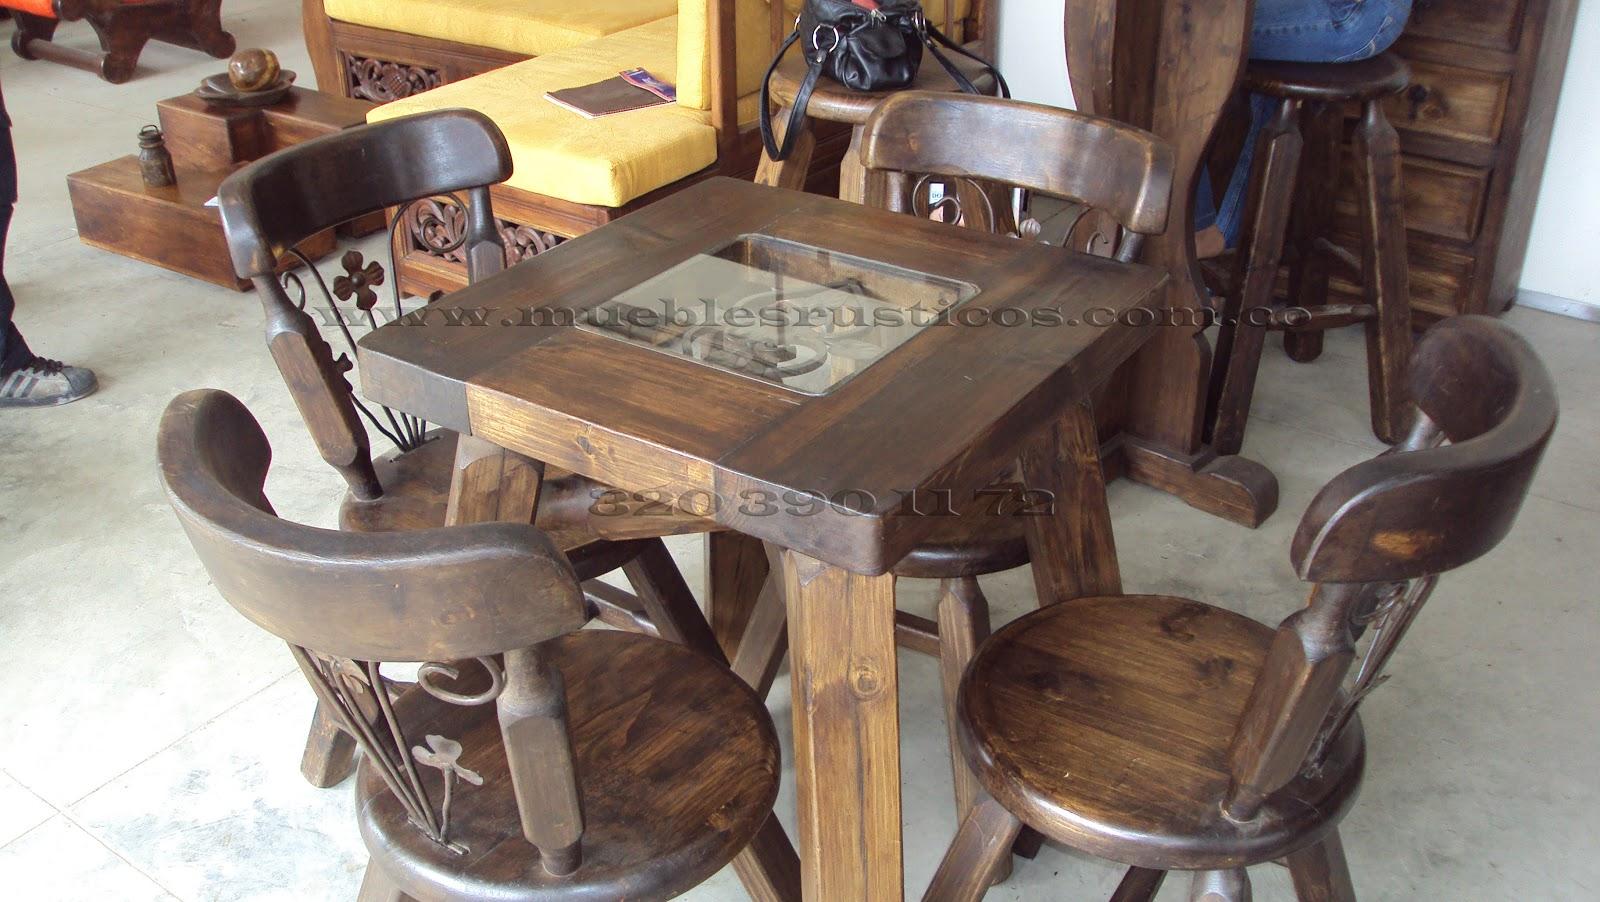 Muebles rusticos bogota comedor rustico en madera for Zapateros en madera bogota